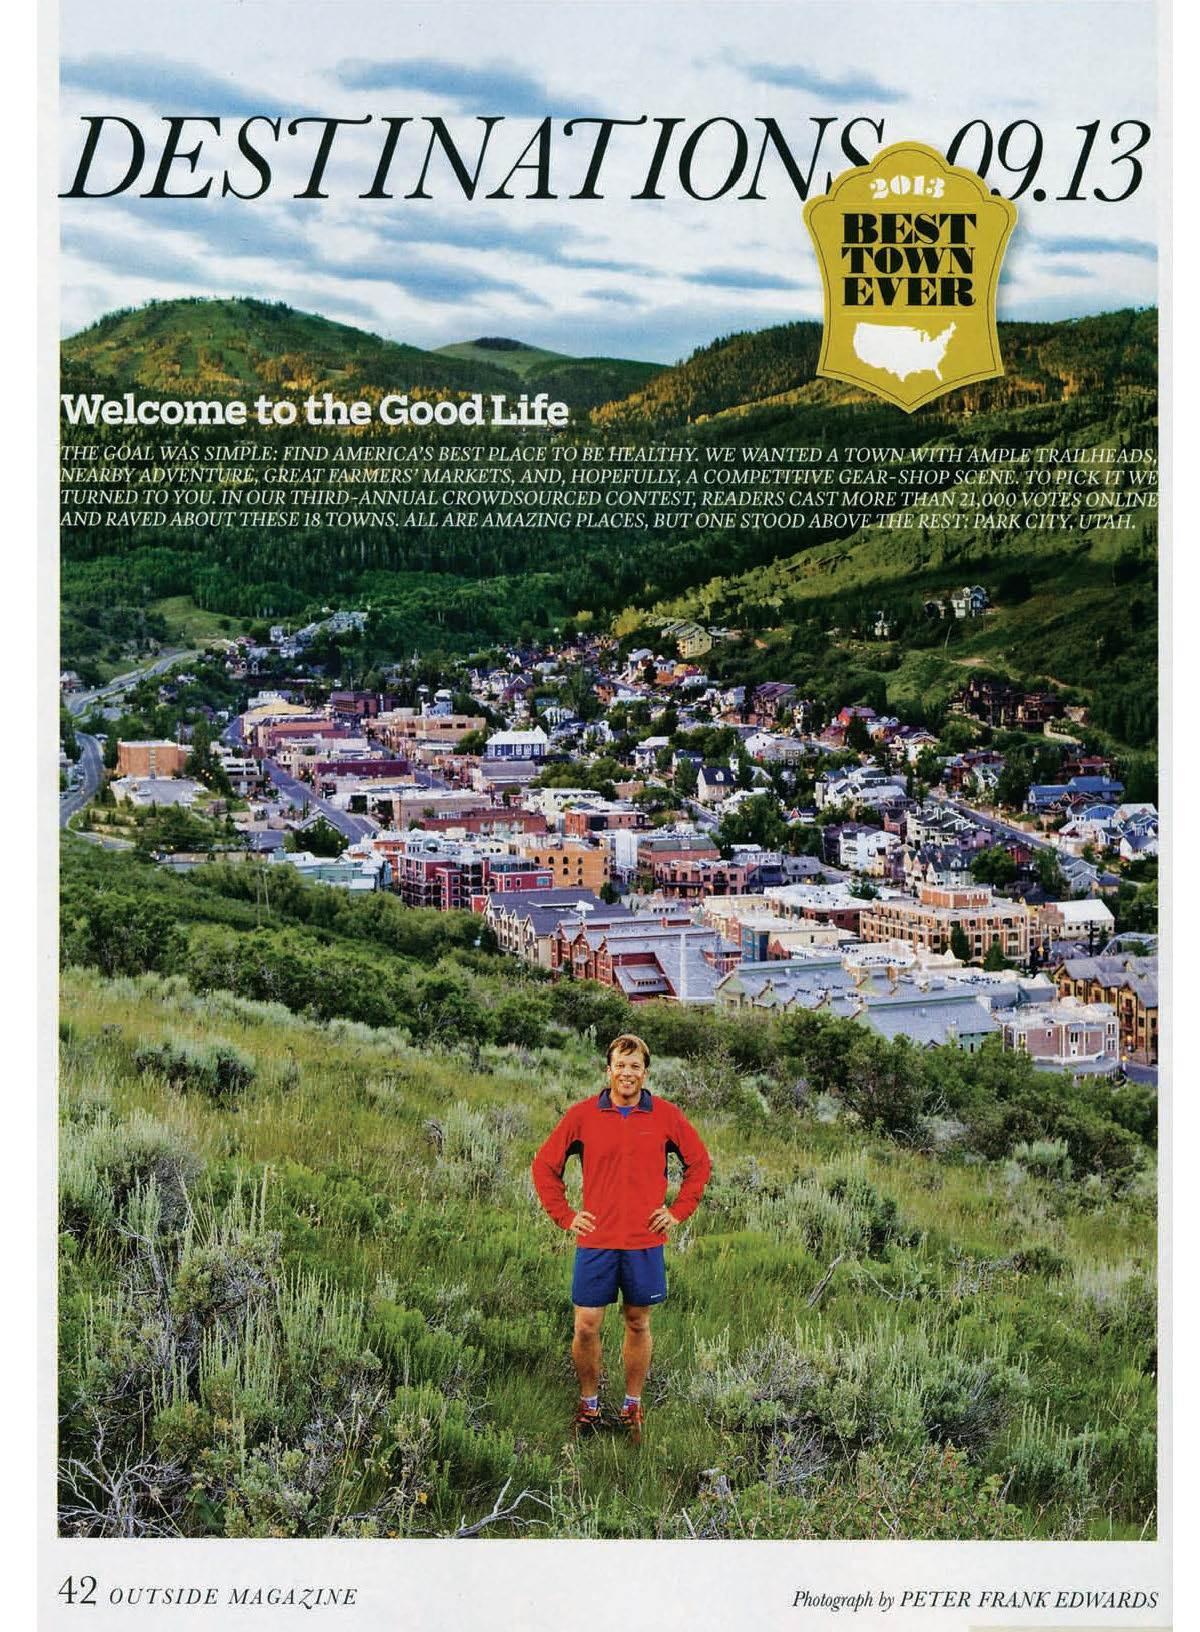 Outside Magazine Article